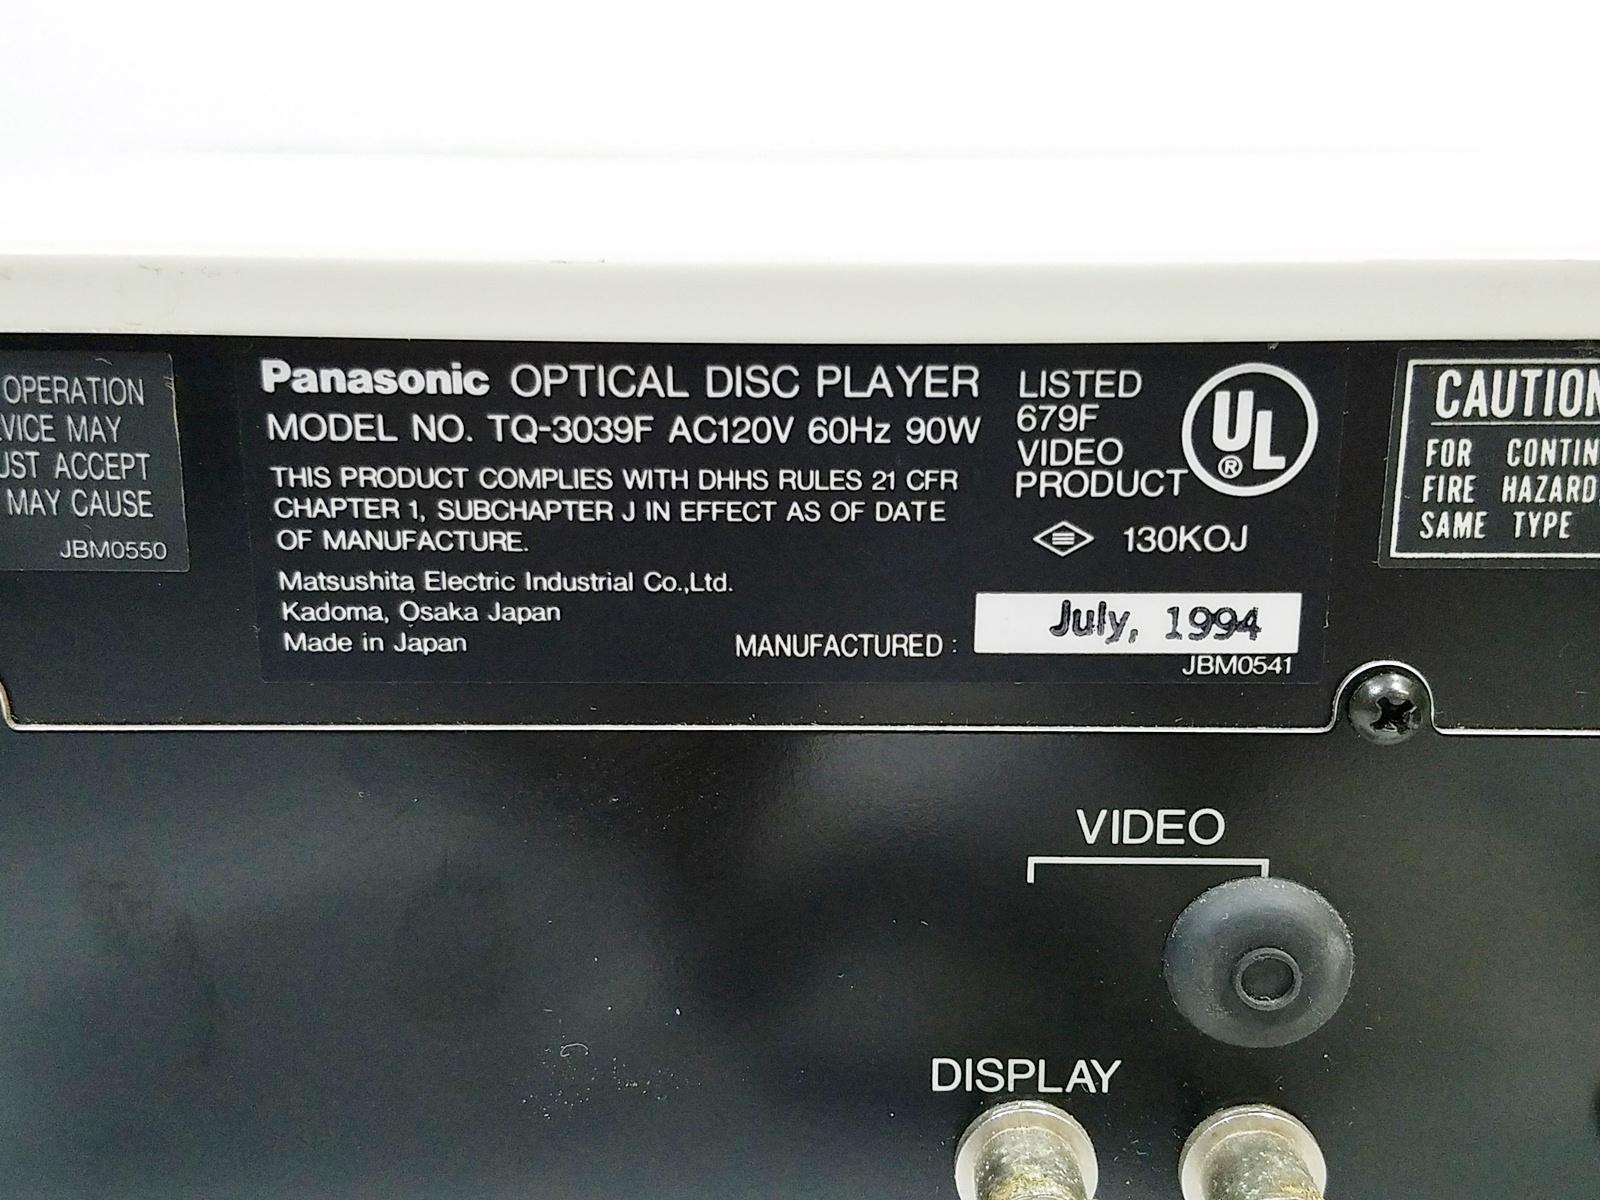 Lot 56 - PANASONIC OPTICAL DISC PLAYER